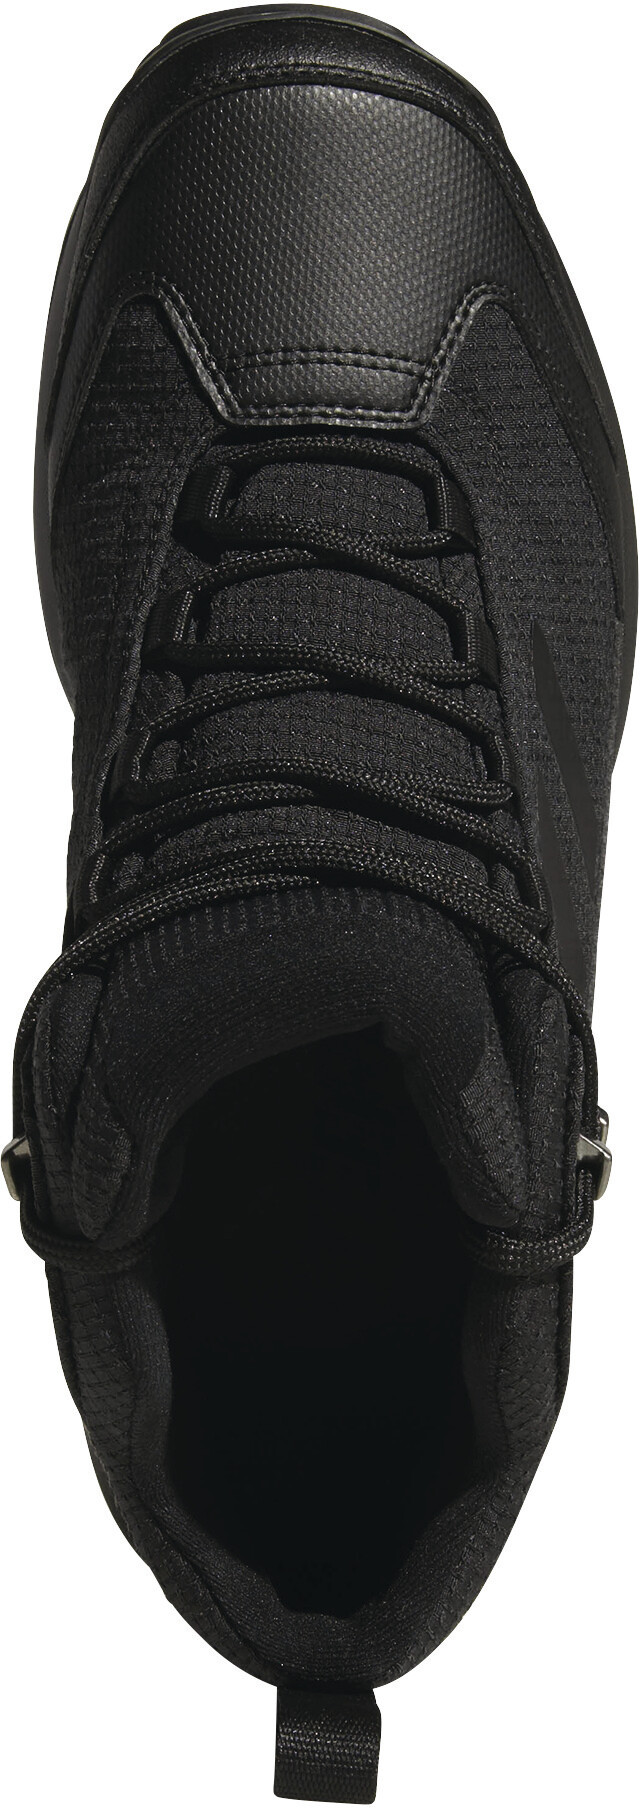 adidas TERREX Heron Winter High Cut Schuhe Herren core black